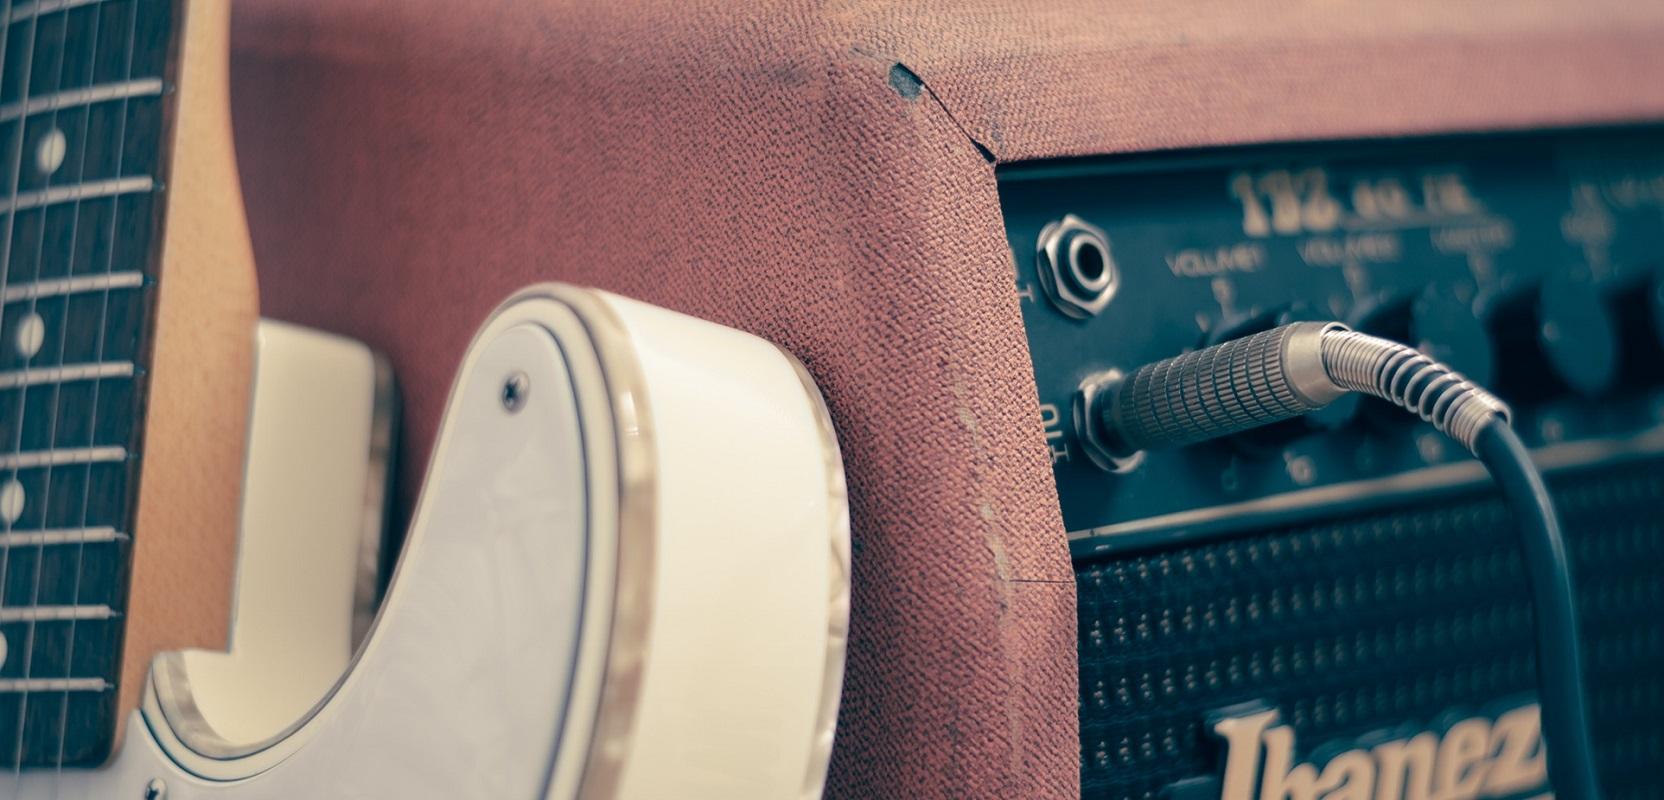 Jesteś fanem naprawdę głośnej muzy? Mamy coś dla Ciebie